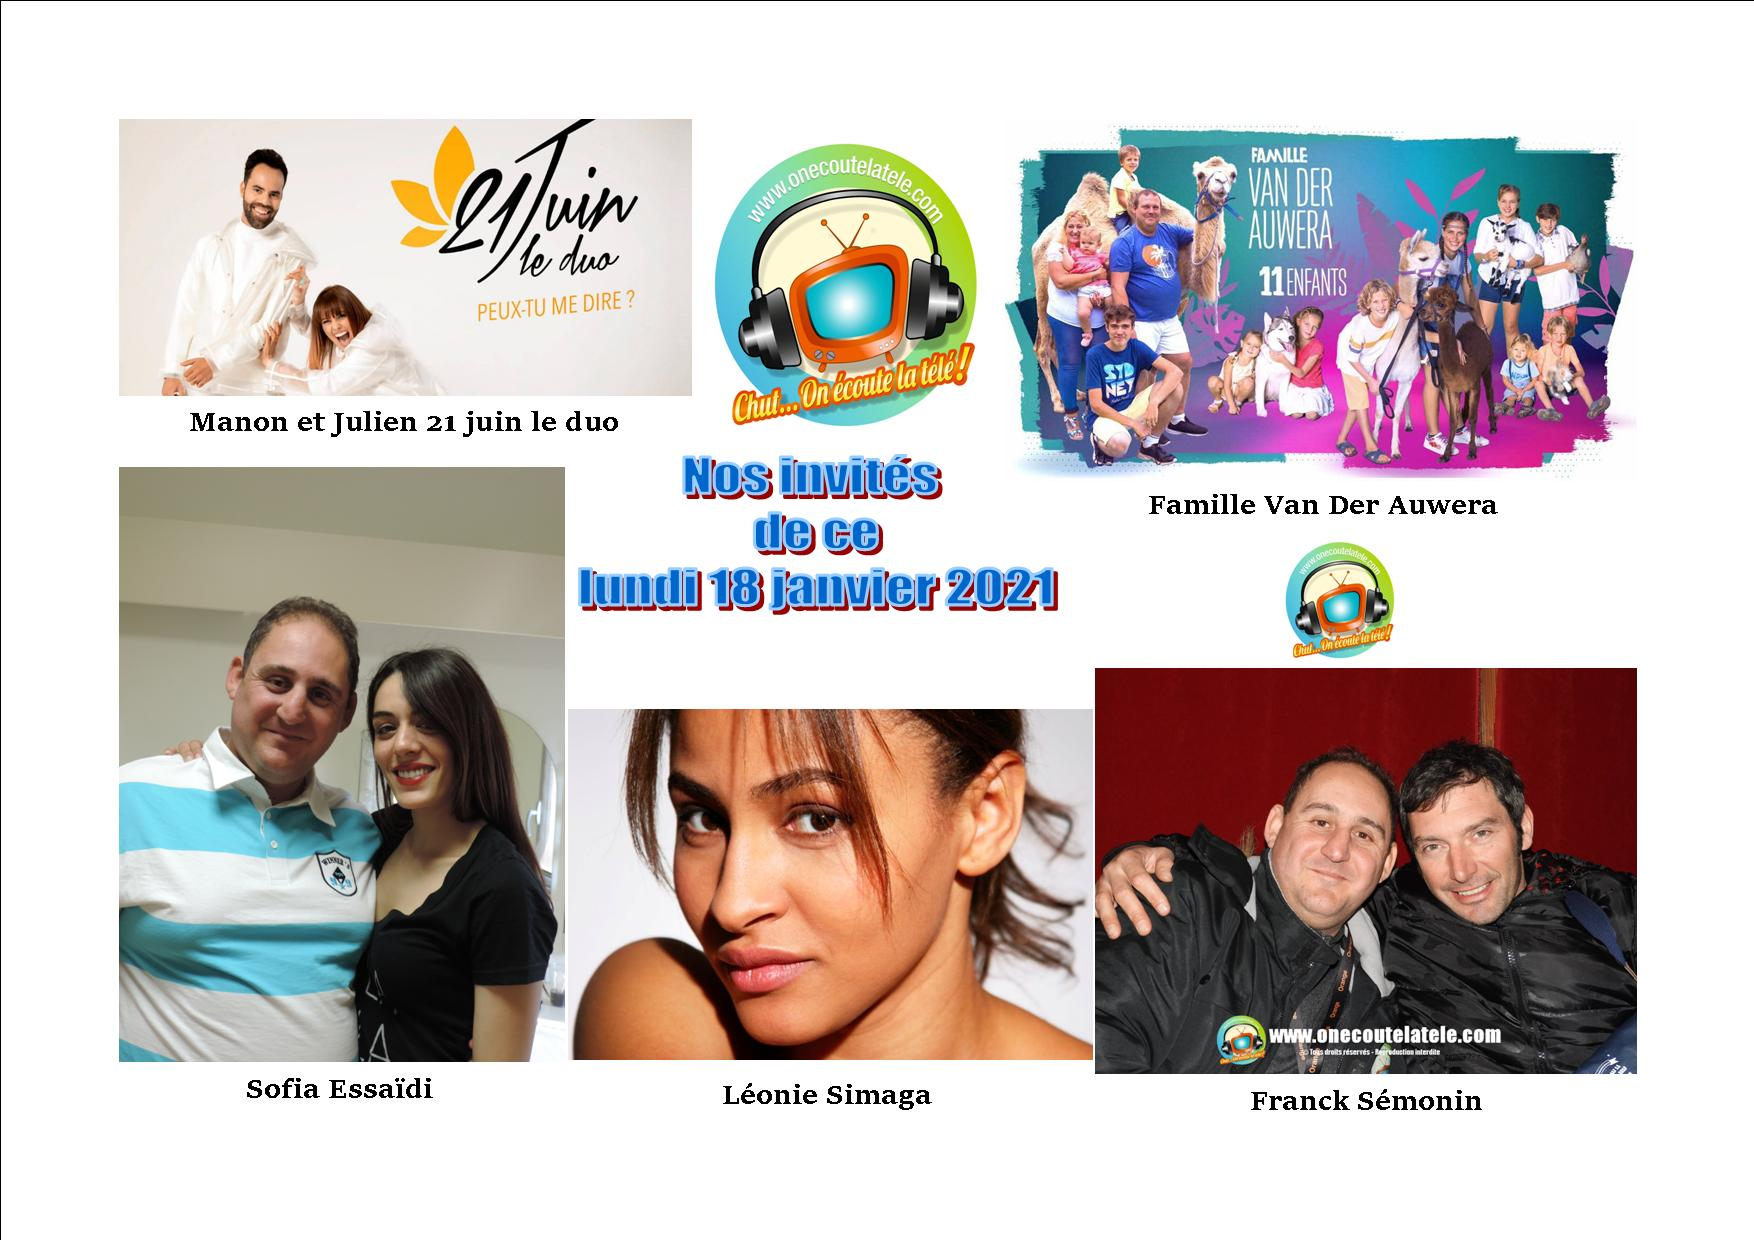 Voici nos émissions Chut on écoute la télé de ce lundi 18 janvier avec 21 juin le duo, Franck Sémonin, Sofia Essaïdi, la famille Van der Auwera et Léonie Simaga